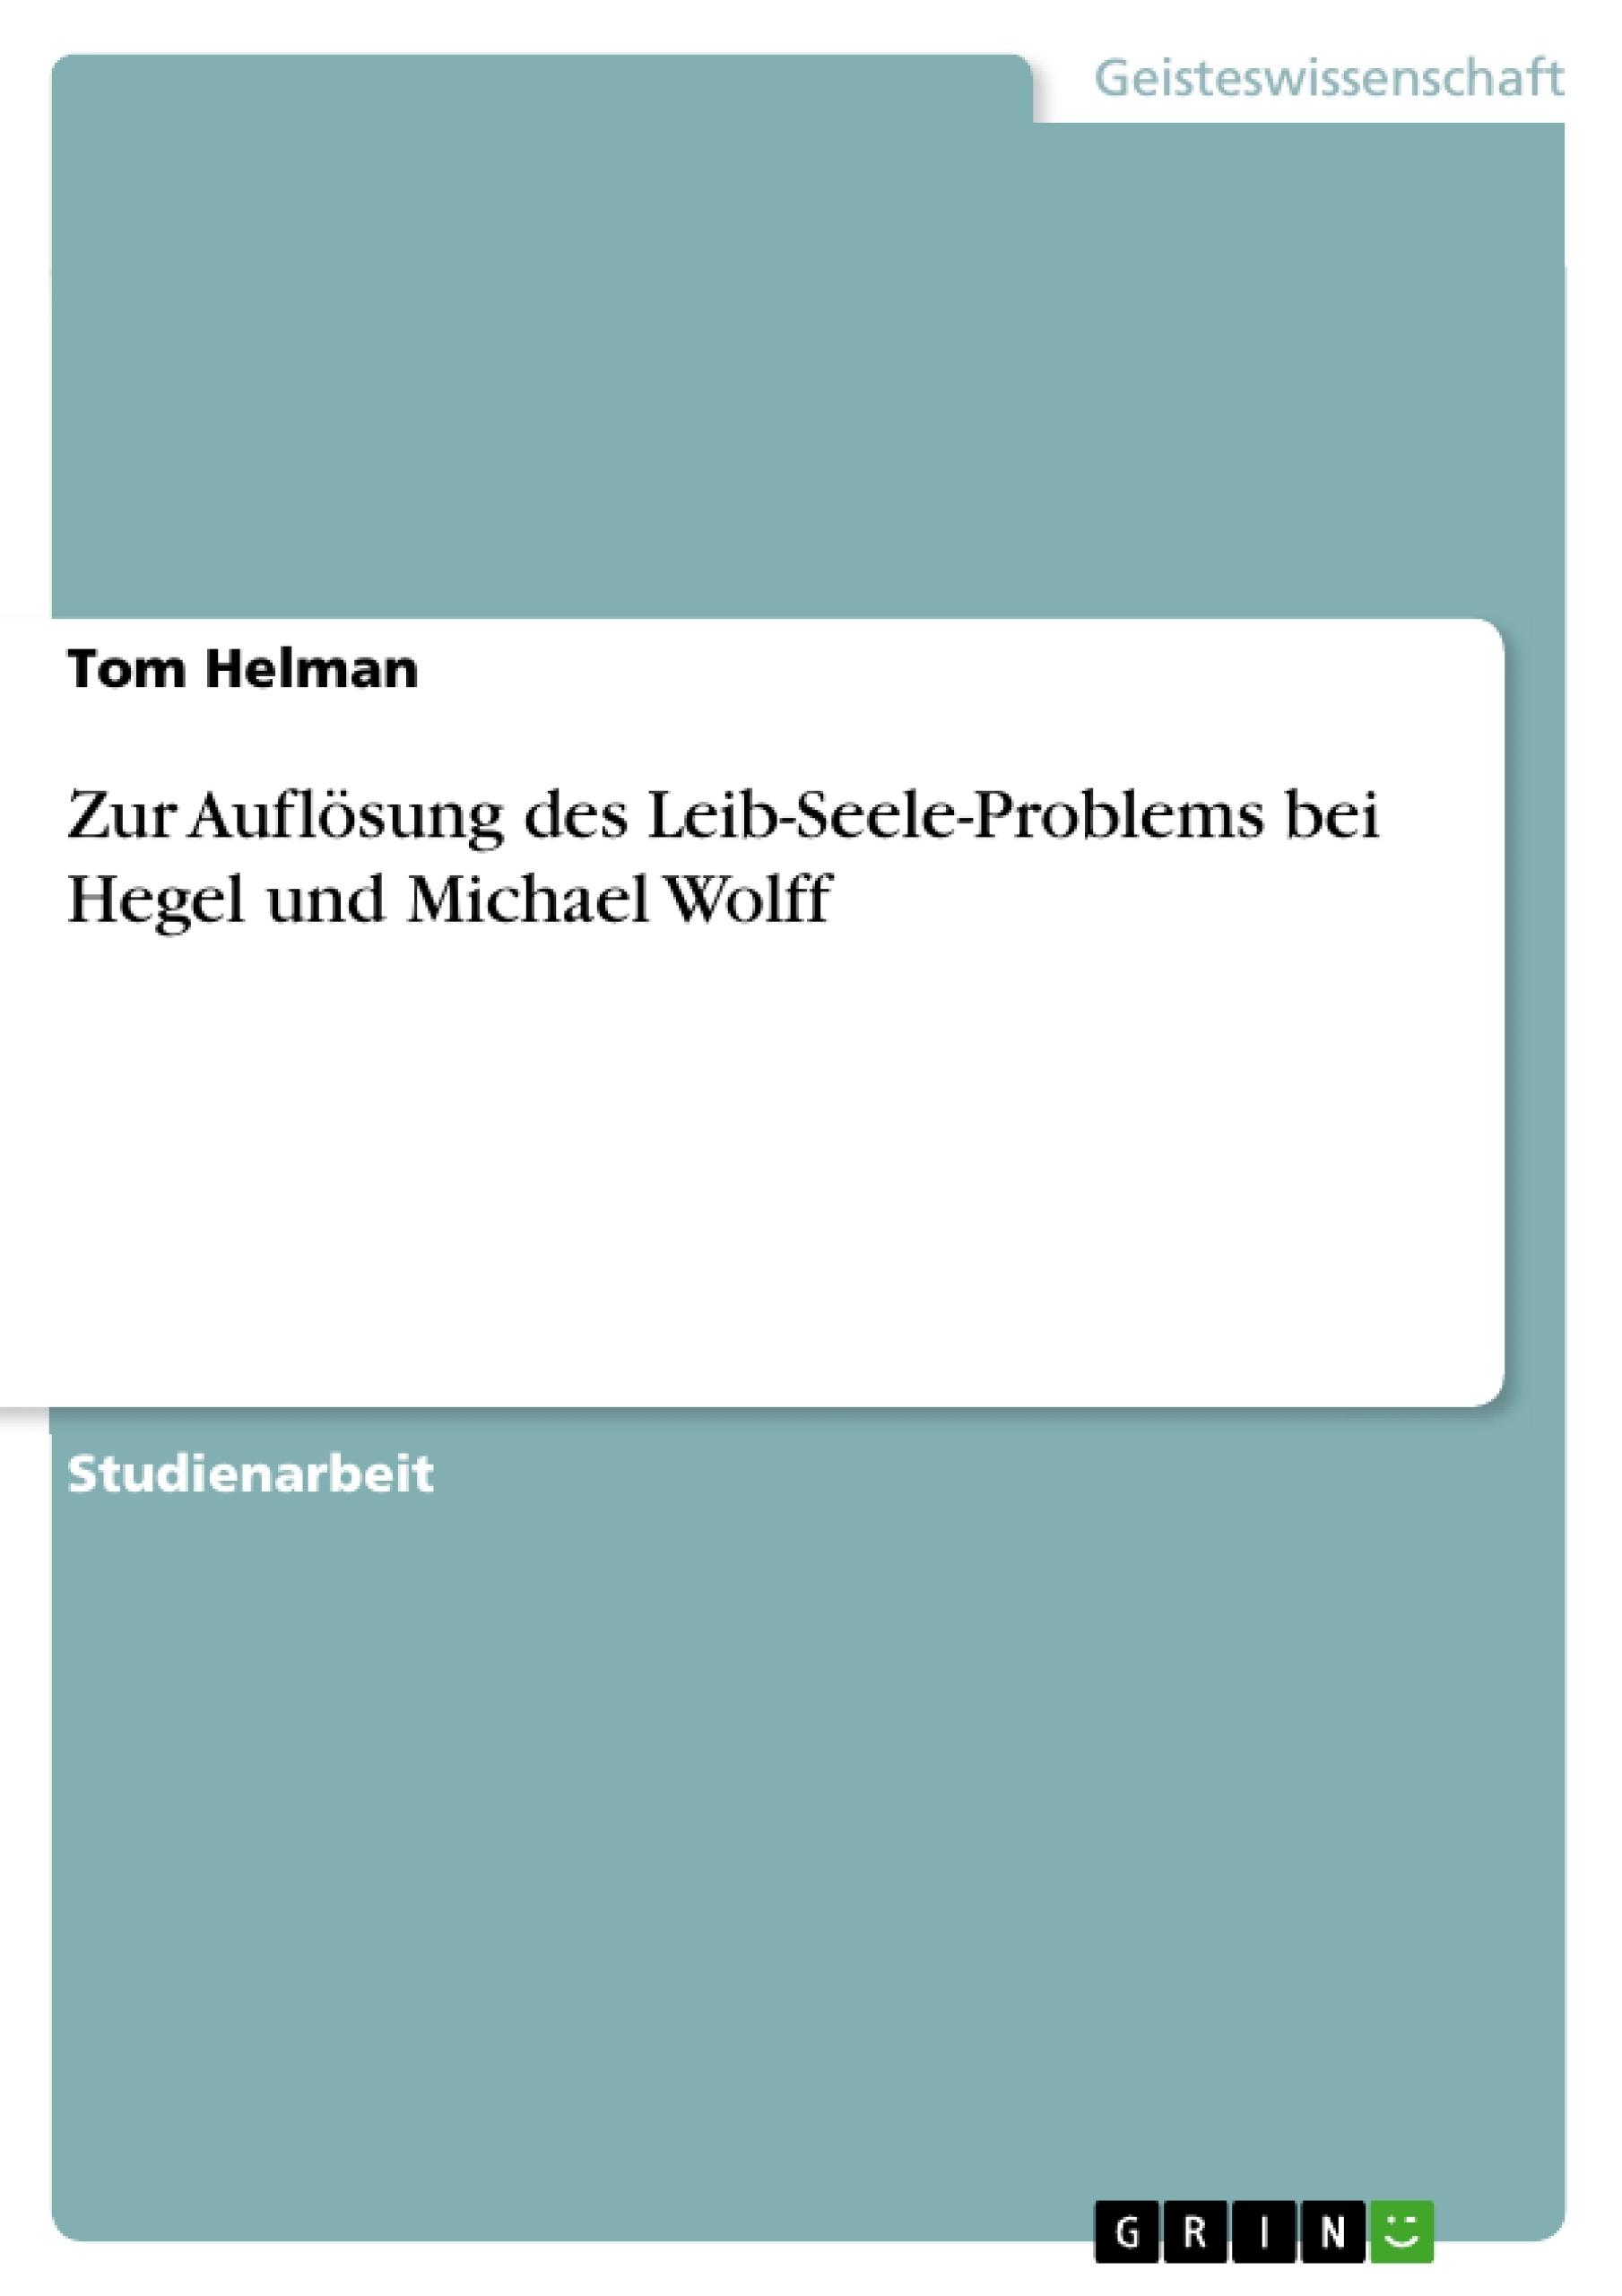 Titel: Zur Auflösung des Leib-Seele-Problems bei Hegel und Michael Wolff